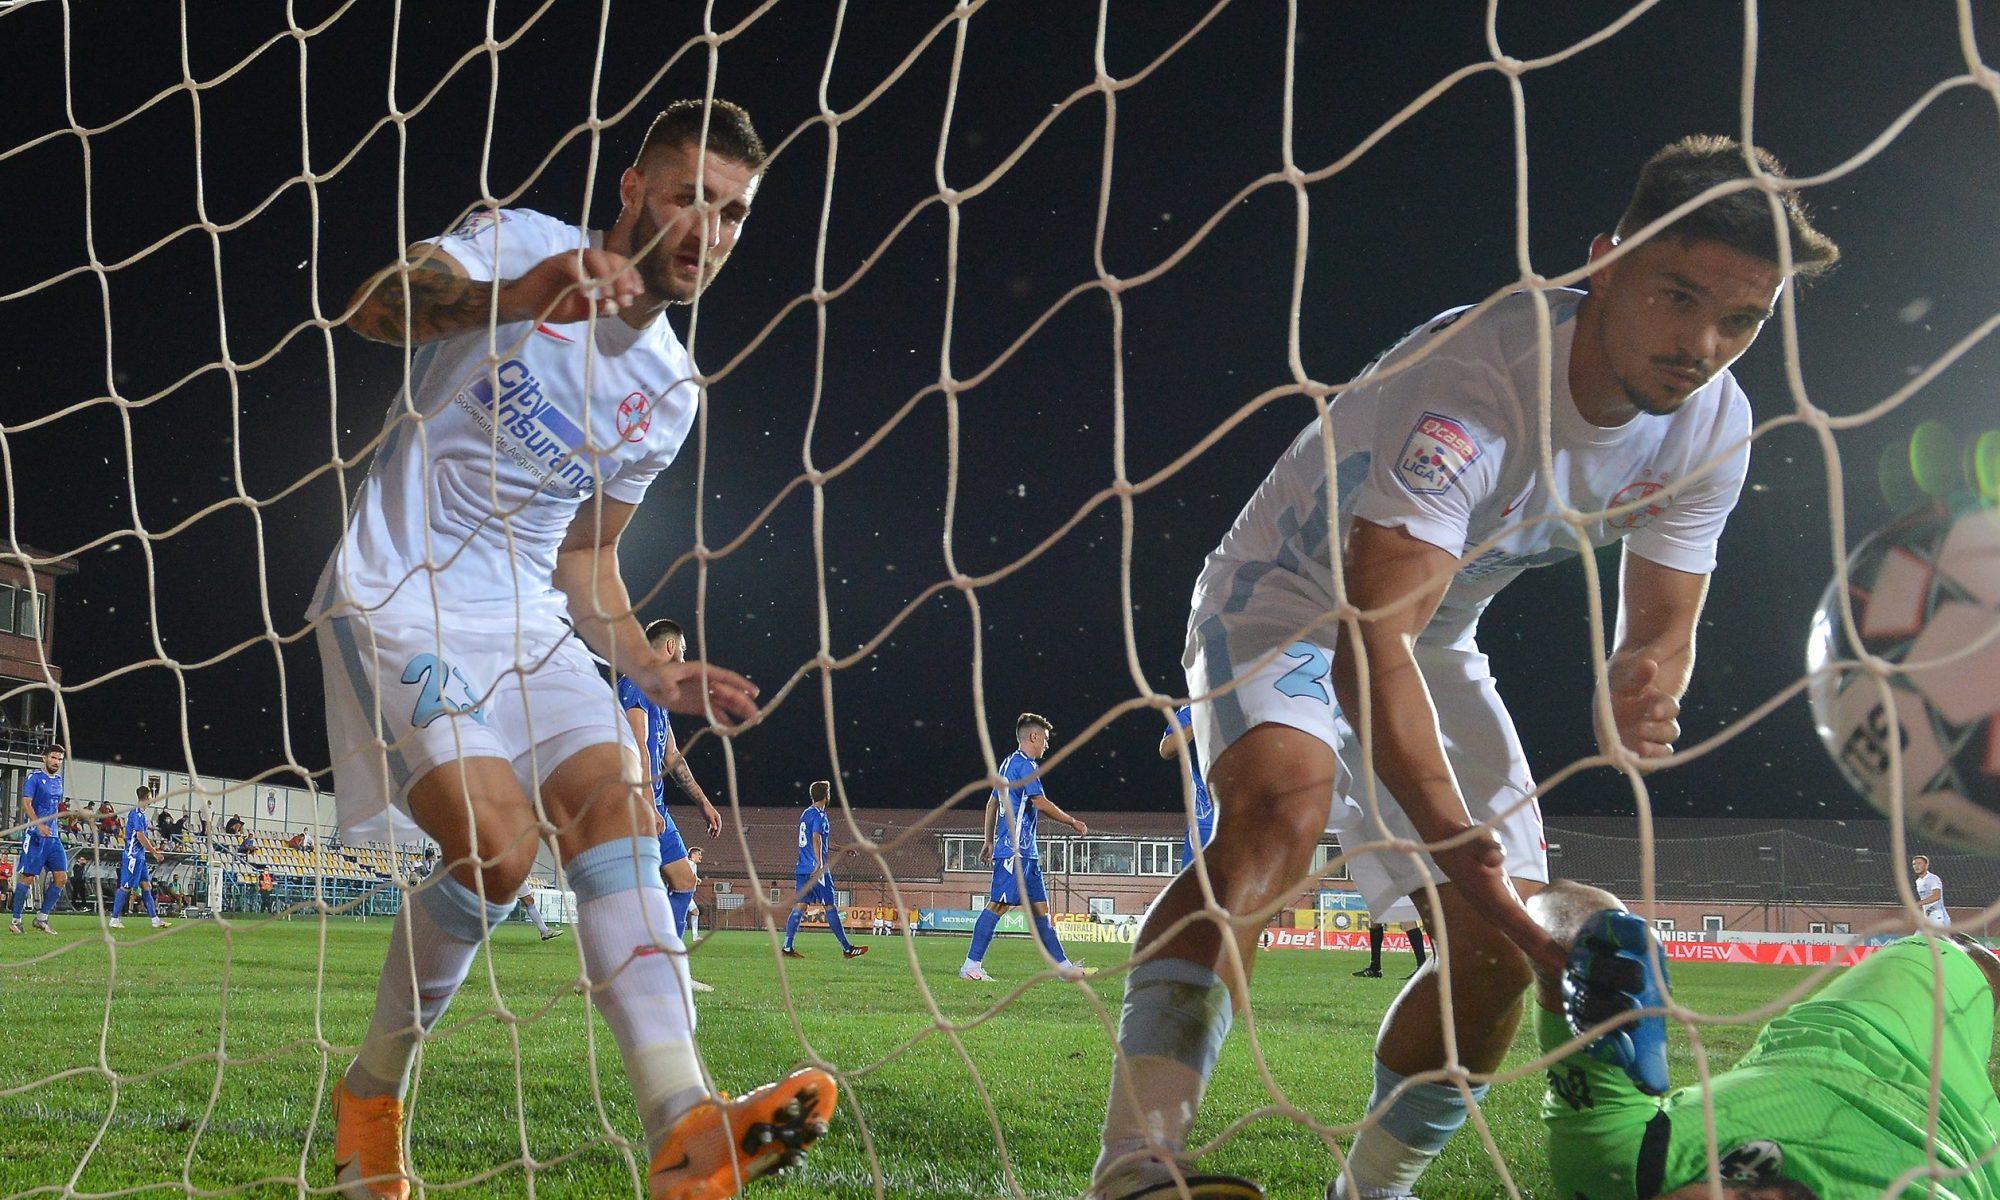 FCSB are nevoie de fundași! Câteva variante pentru echipa lui Toni Petrea. Sursă foto: sportpictures.eu